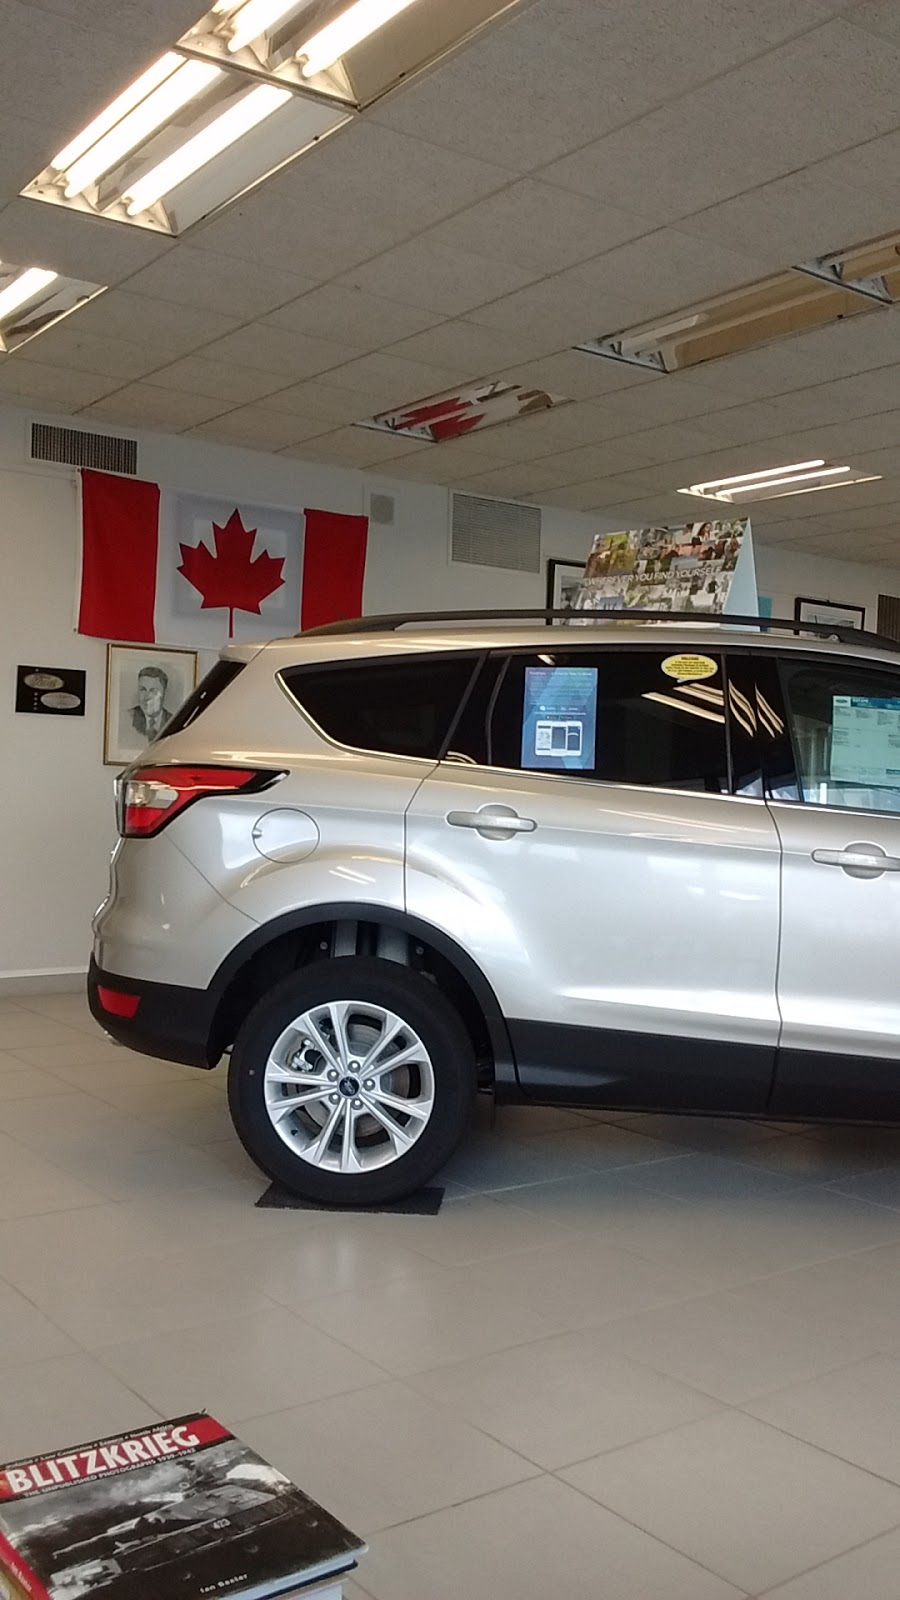 Boyer Ford Stirling | car dealer | 48 Belleville Rd, Stirling, ON K0K 3E0, Canada | 8443394035 OR +1 844-339-4035